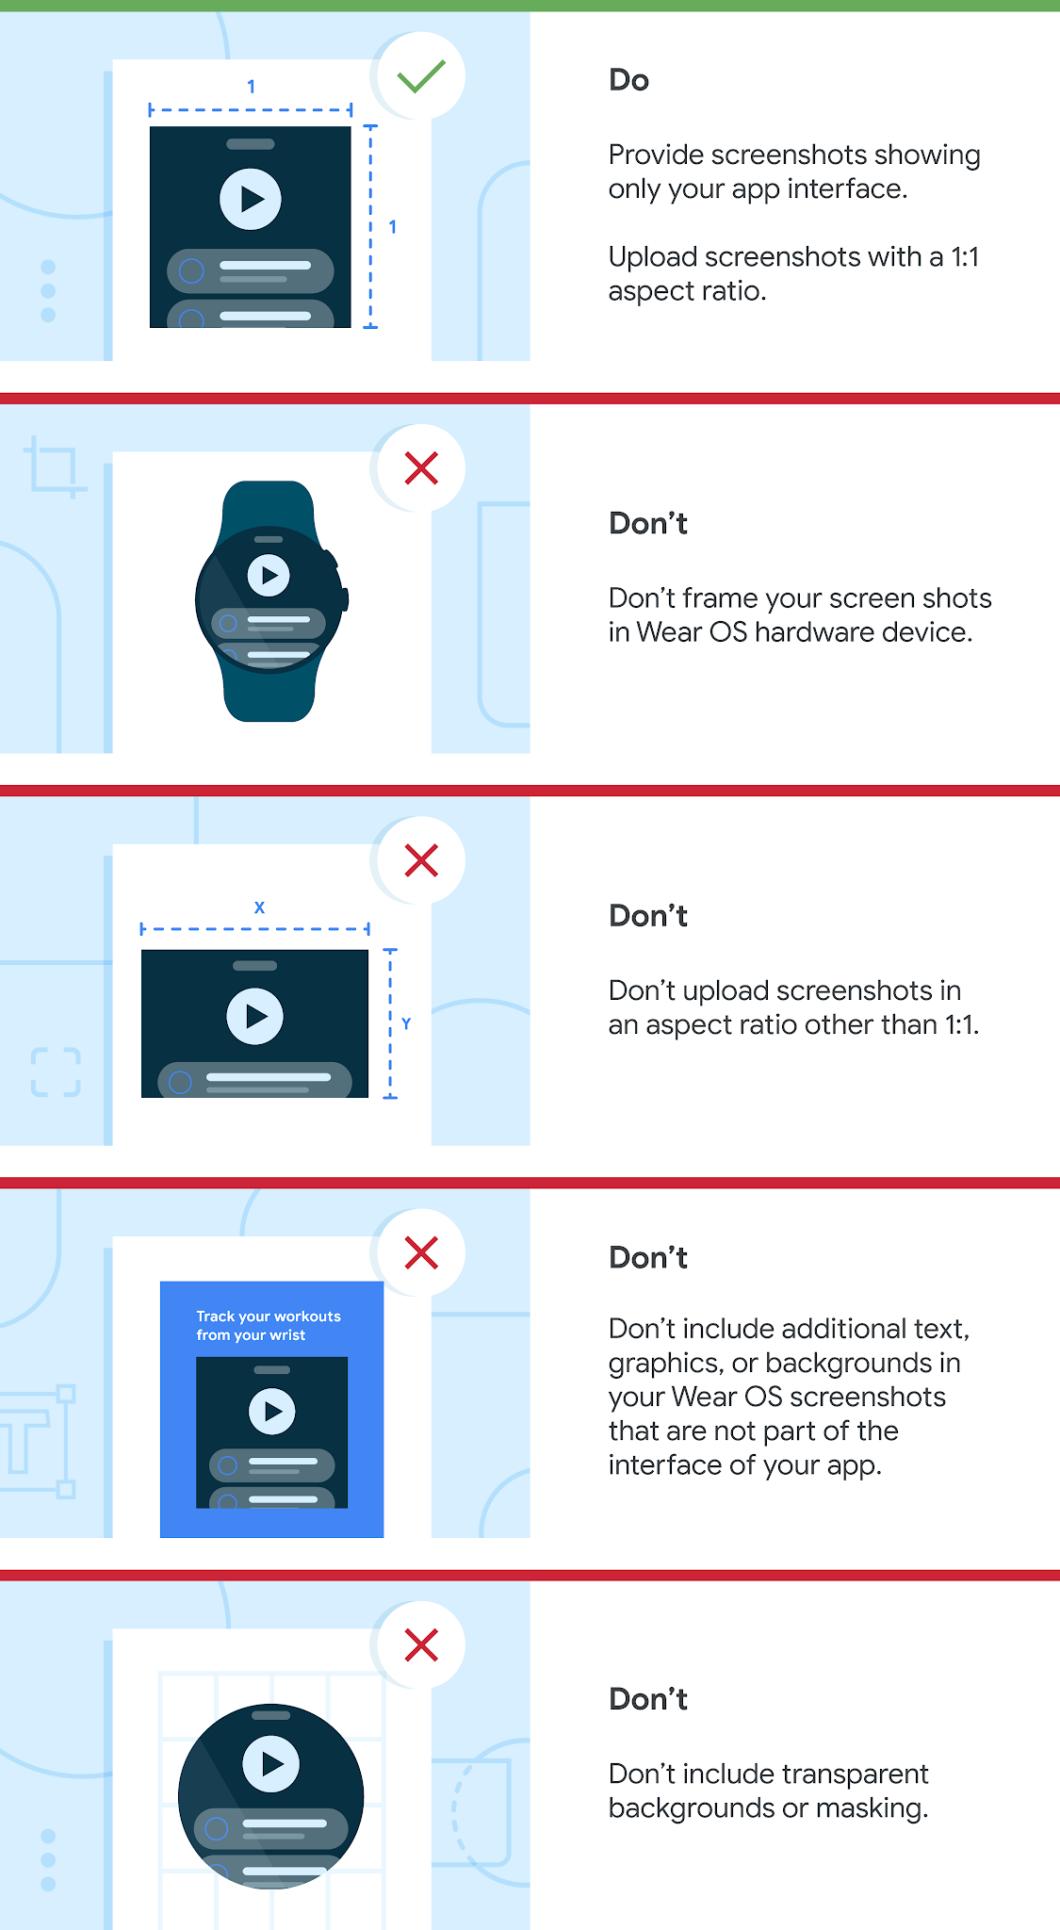 Diretrizes para capturas de tela de apps do Wear OS